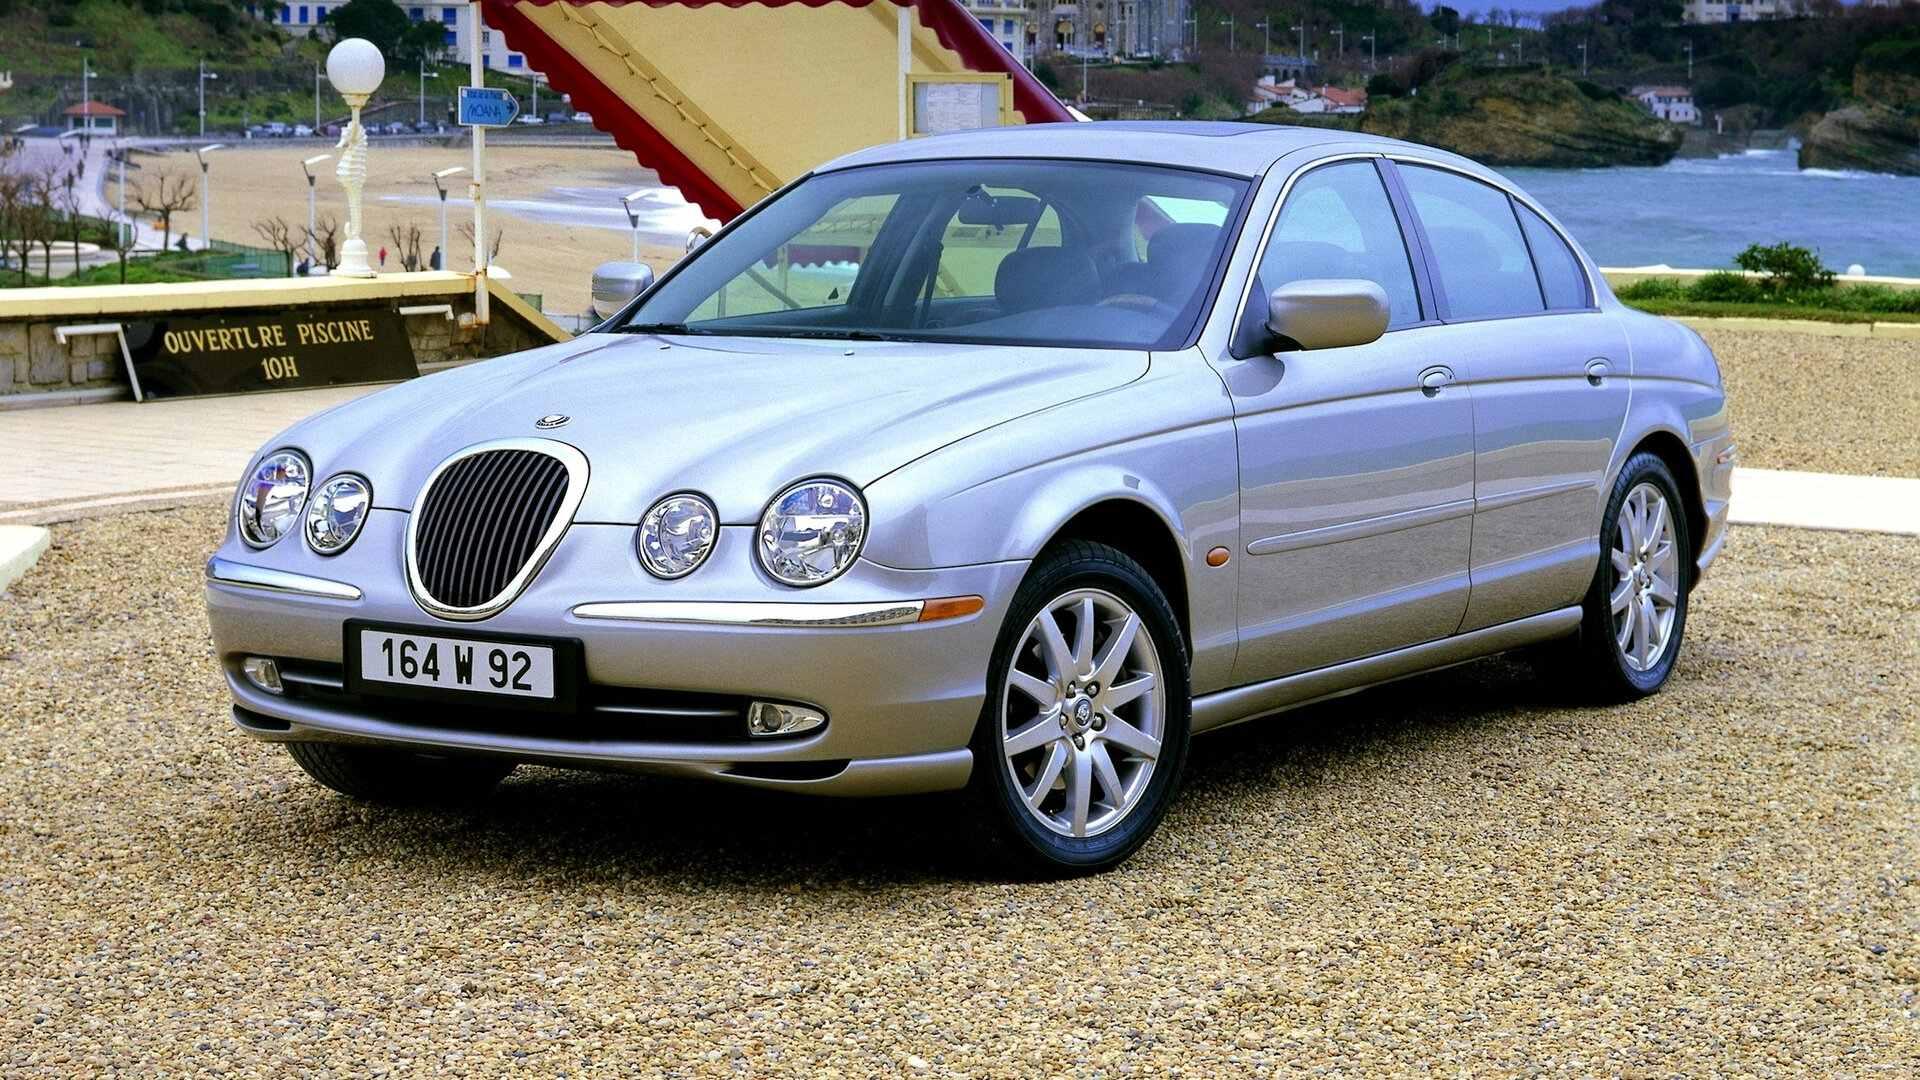 Coche del día: Jaguar S-Type (X200)